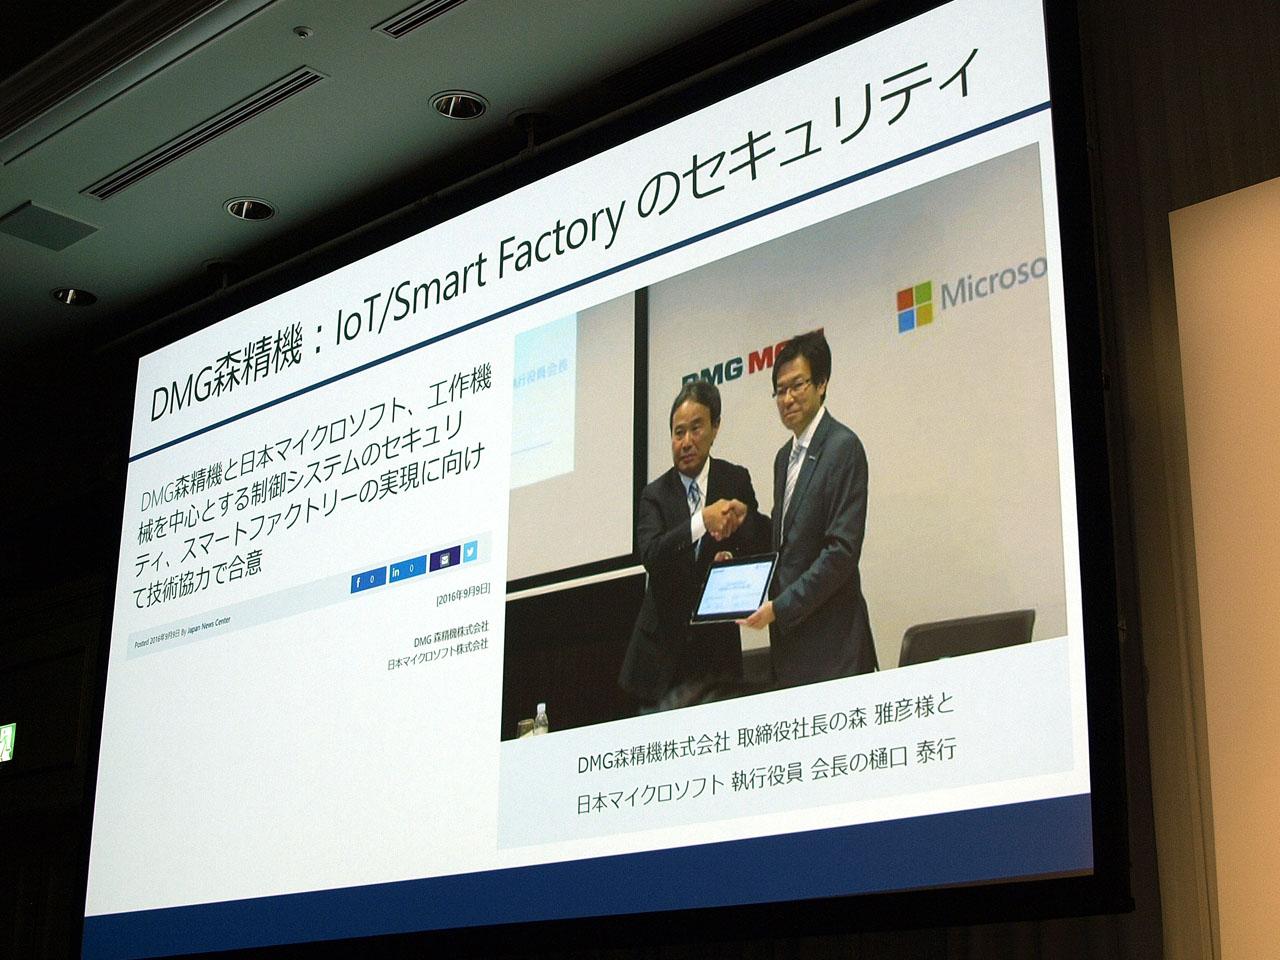 日本マイクロソフトでは、世界トップの工作機械メーカーであるDMG森精機株式会社と、より包括的なセキュアなネットワーク構築によるIoTとスマートファクトリーにおけるアーキテクチャーの共同研究も開始している